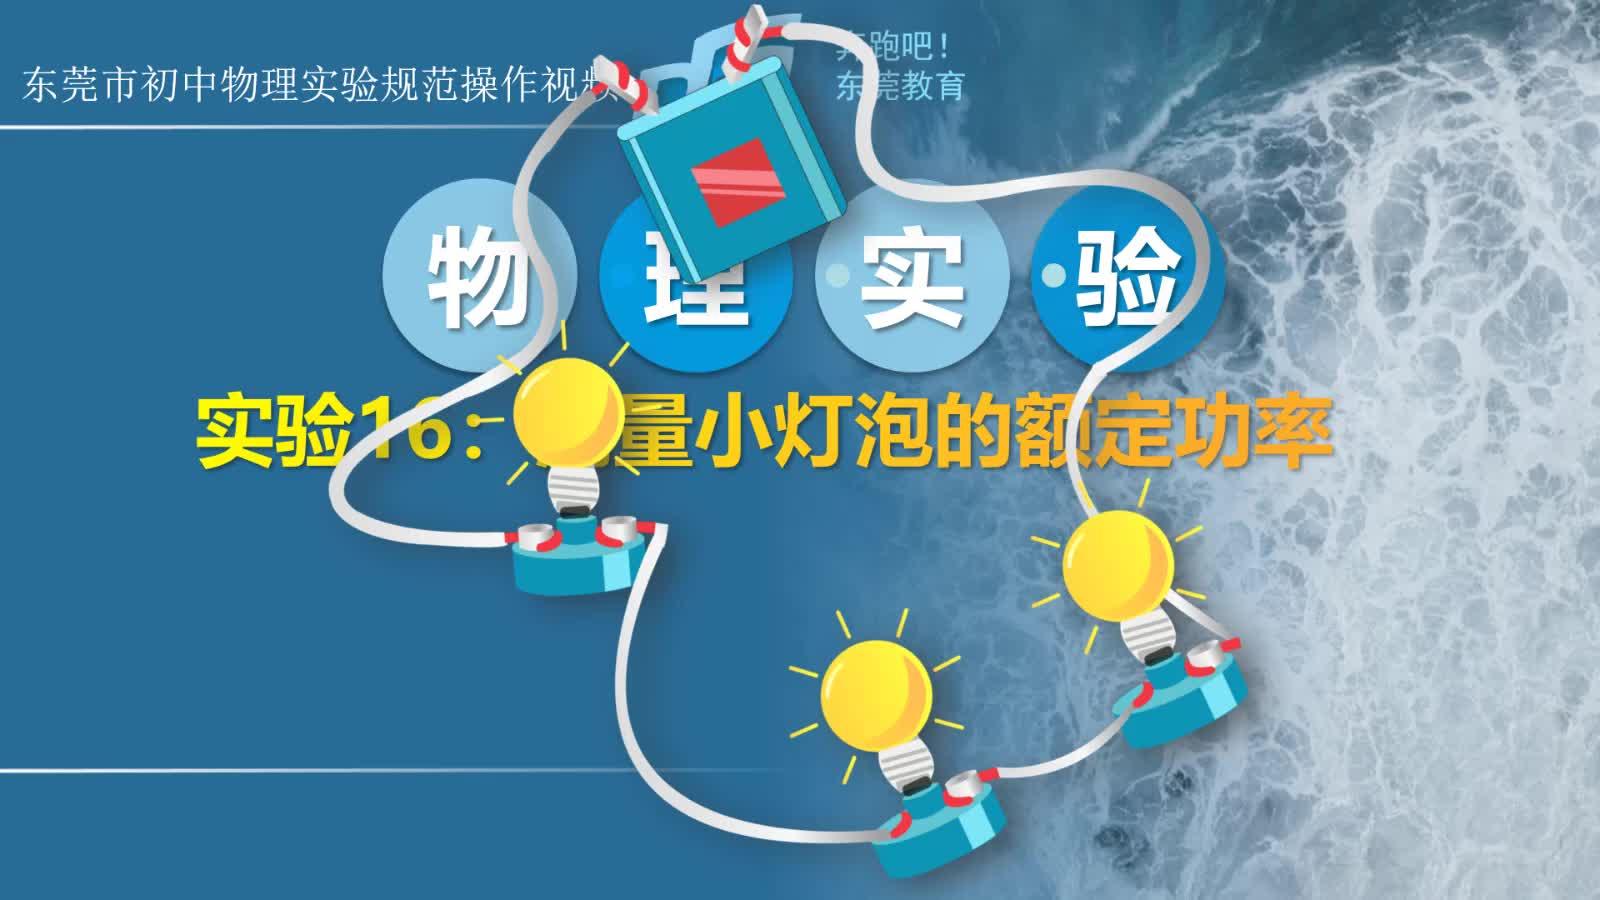 实验16:测量小灯泡的额定功率 2021年广东省东莞市中考物理实验规范操作视频